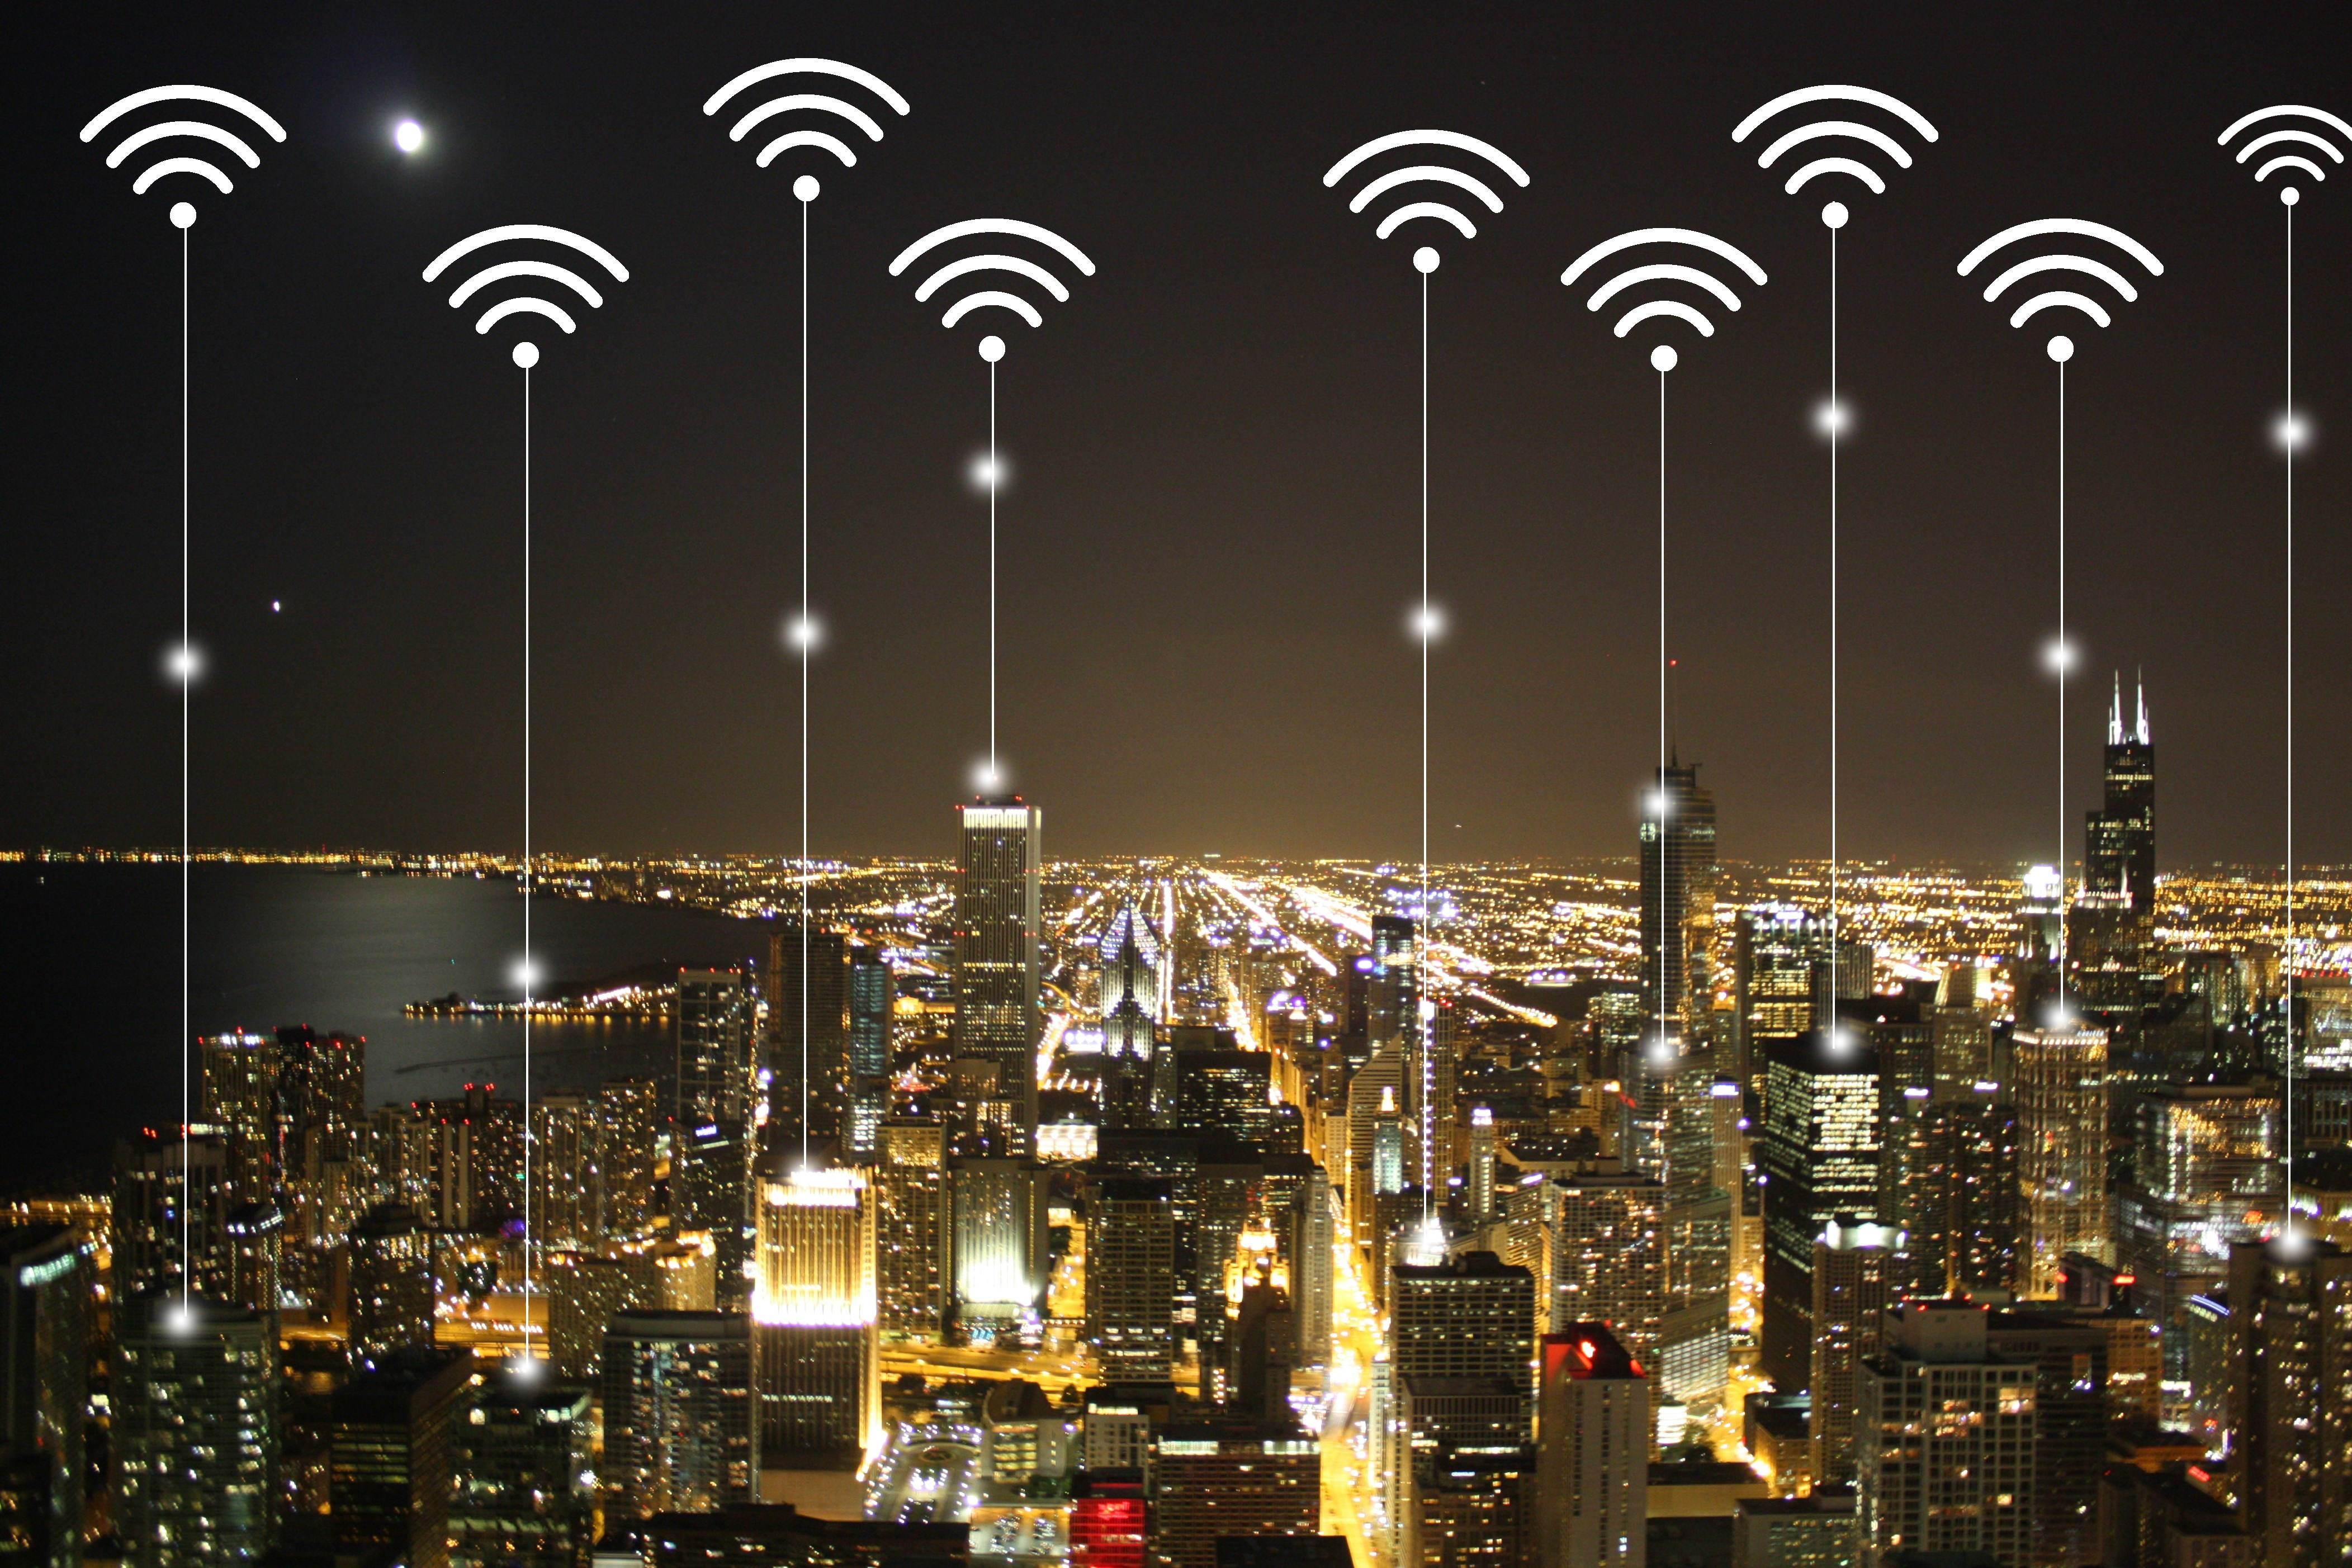 中科爱讯wifi探针在线下广告定向投放的应用